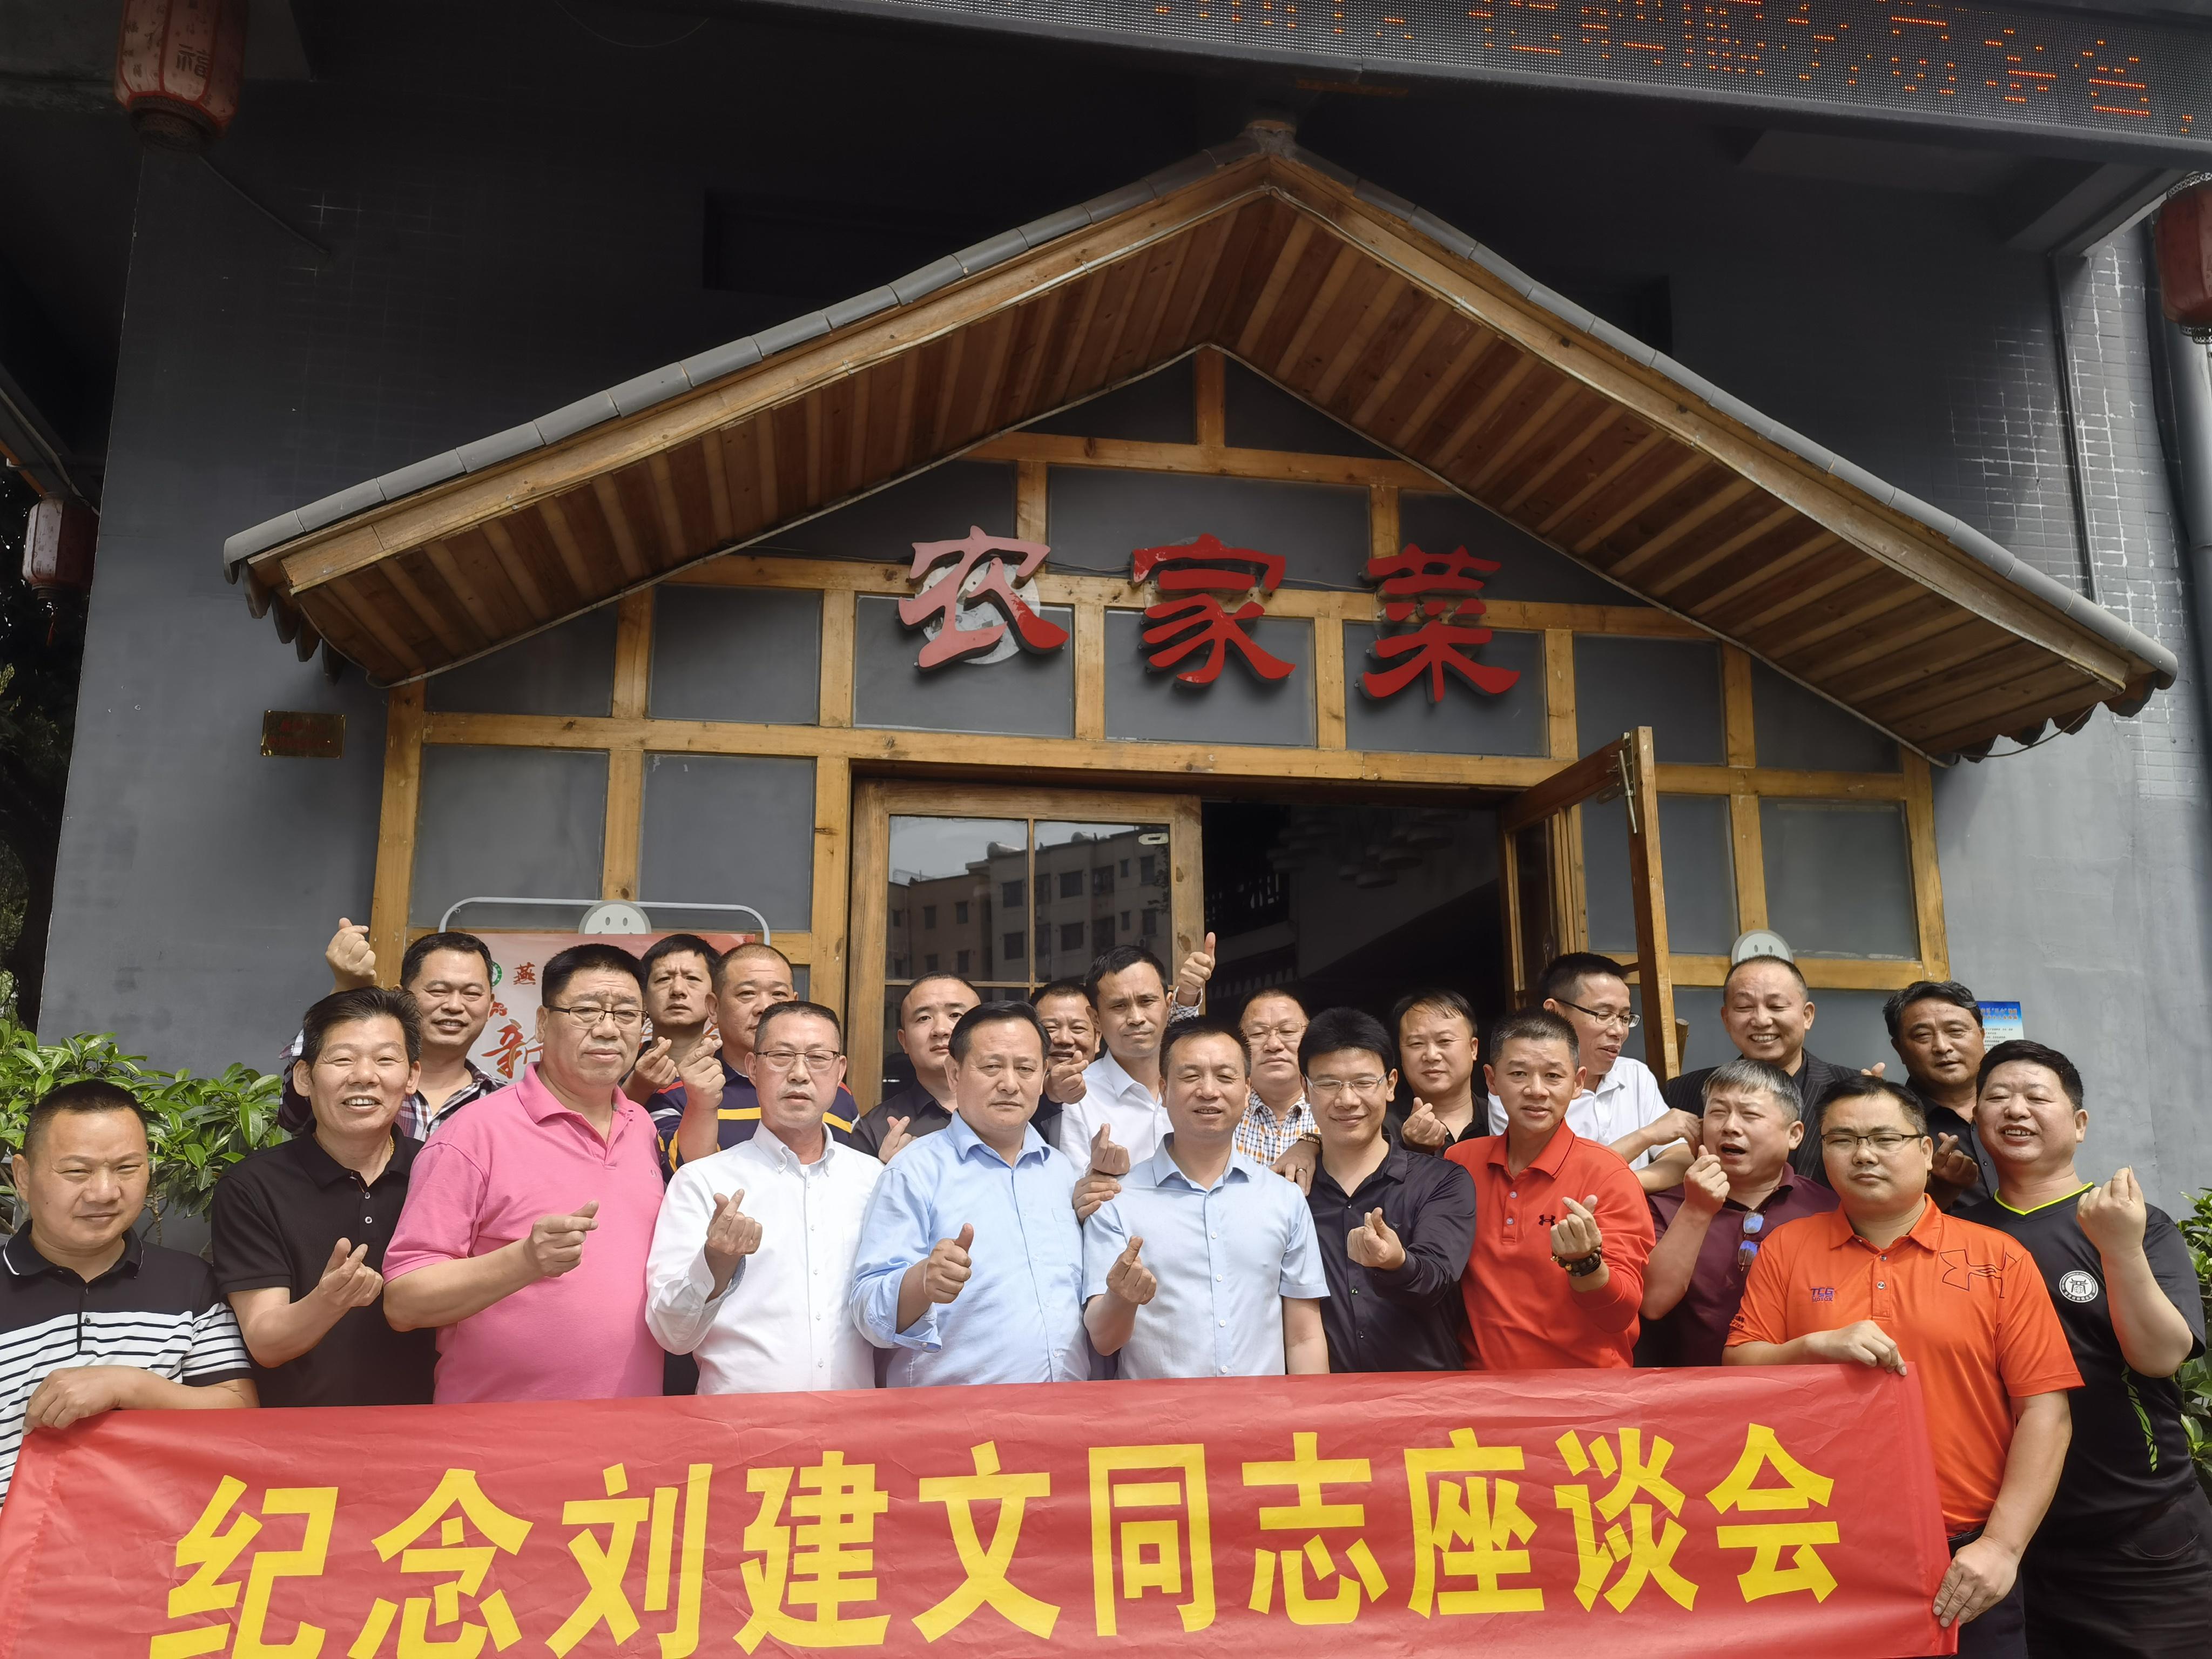 中共广东省湖北阳新商会委员会举办纪念刘建文同志座谈会